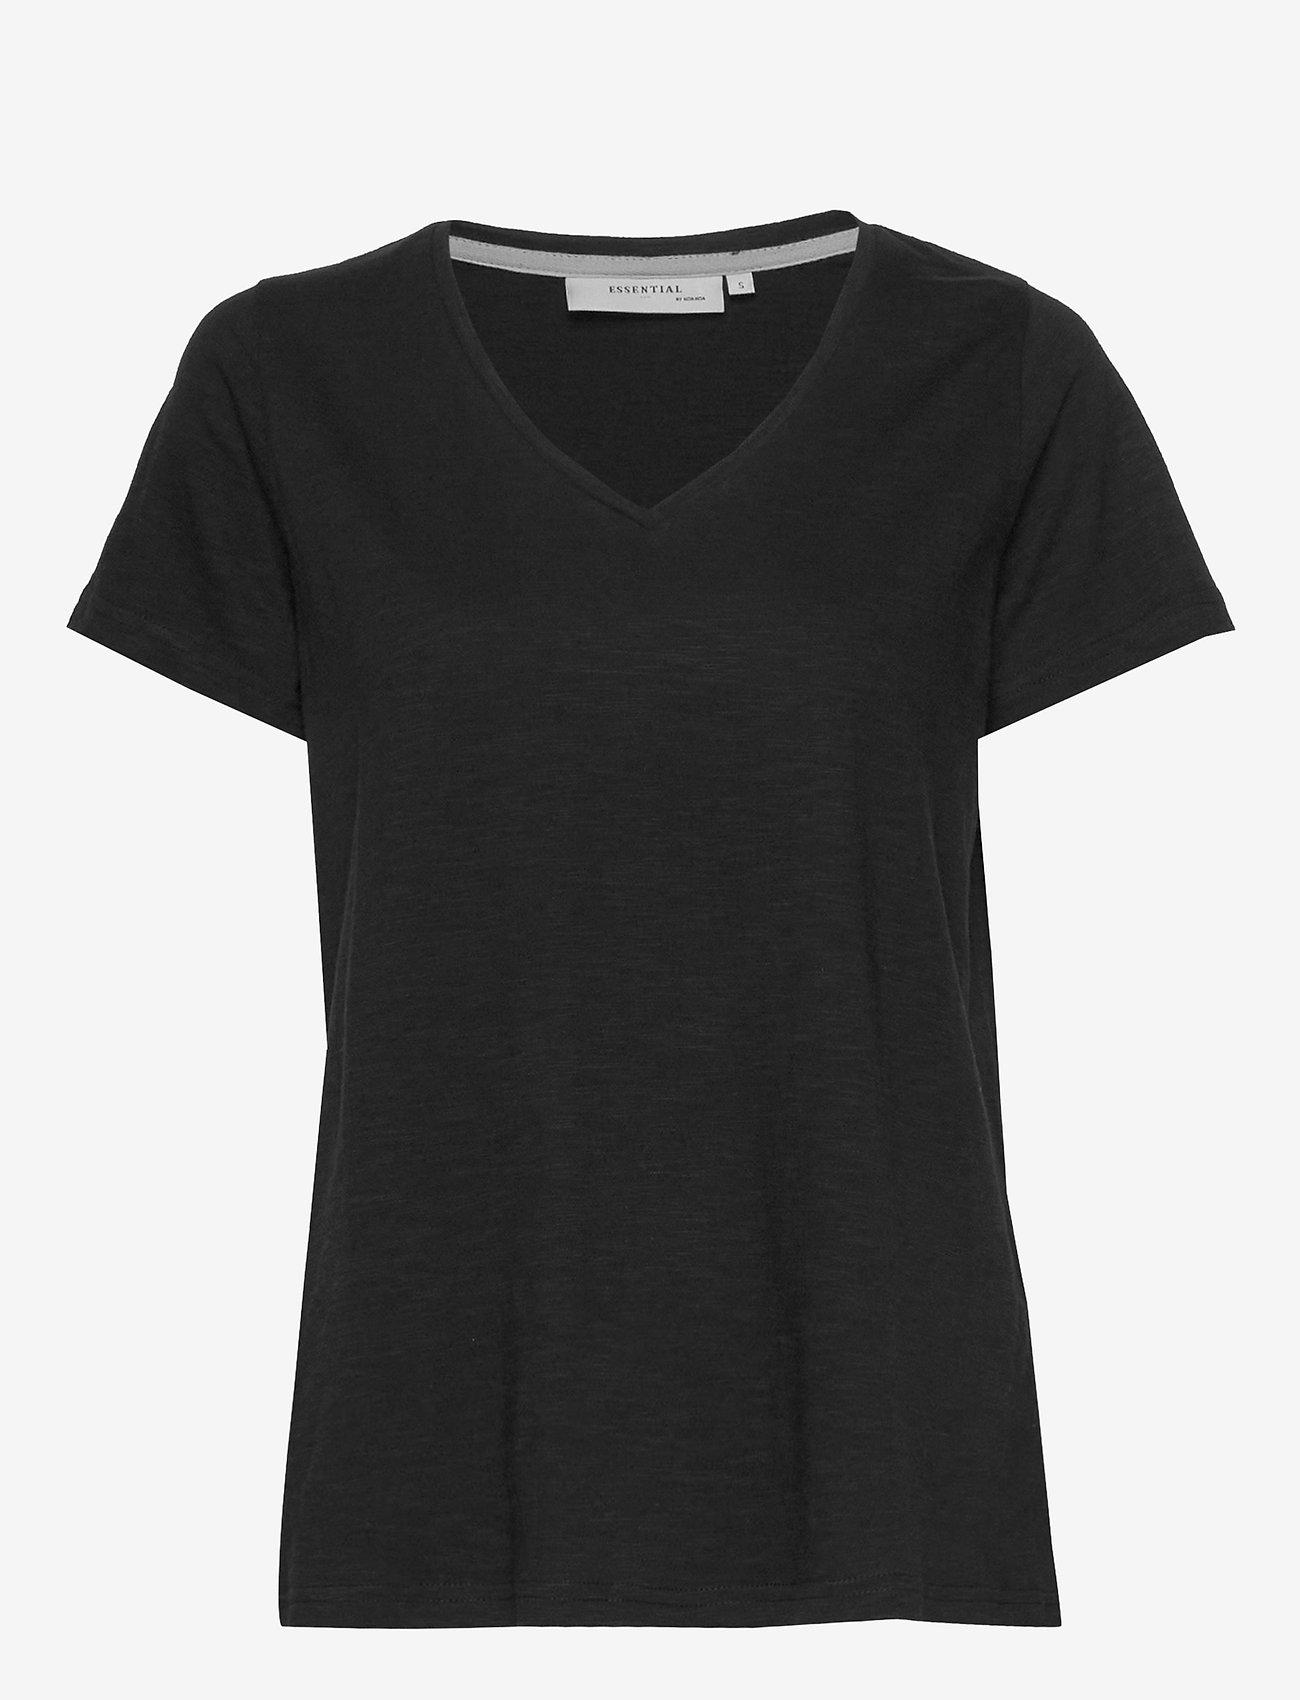 Noa Noa - T-shirt - t-shirts - black - 0